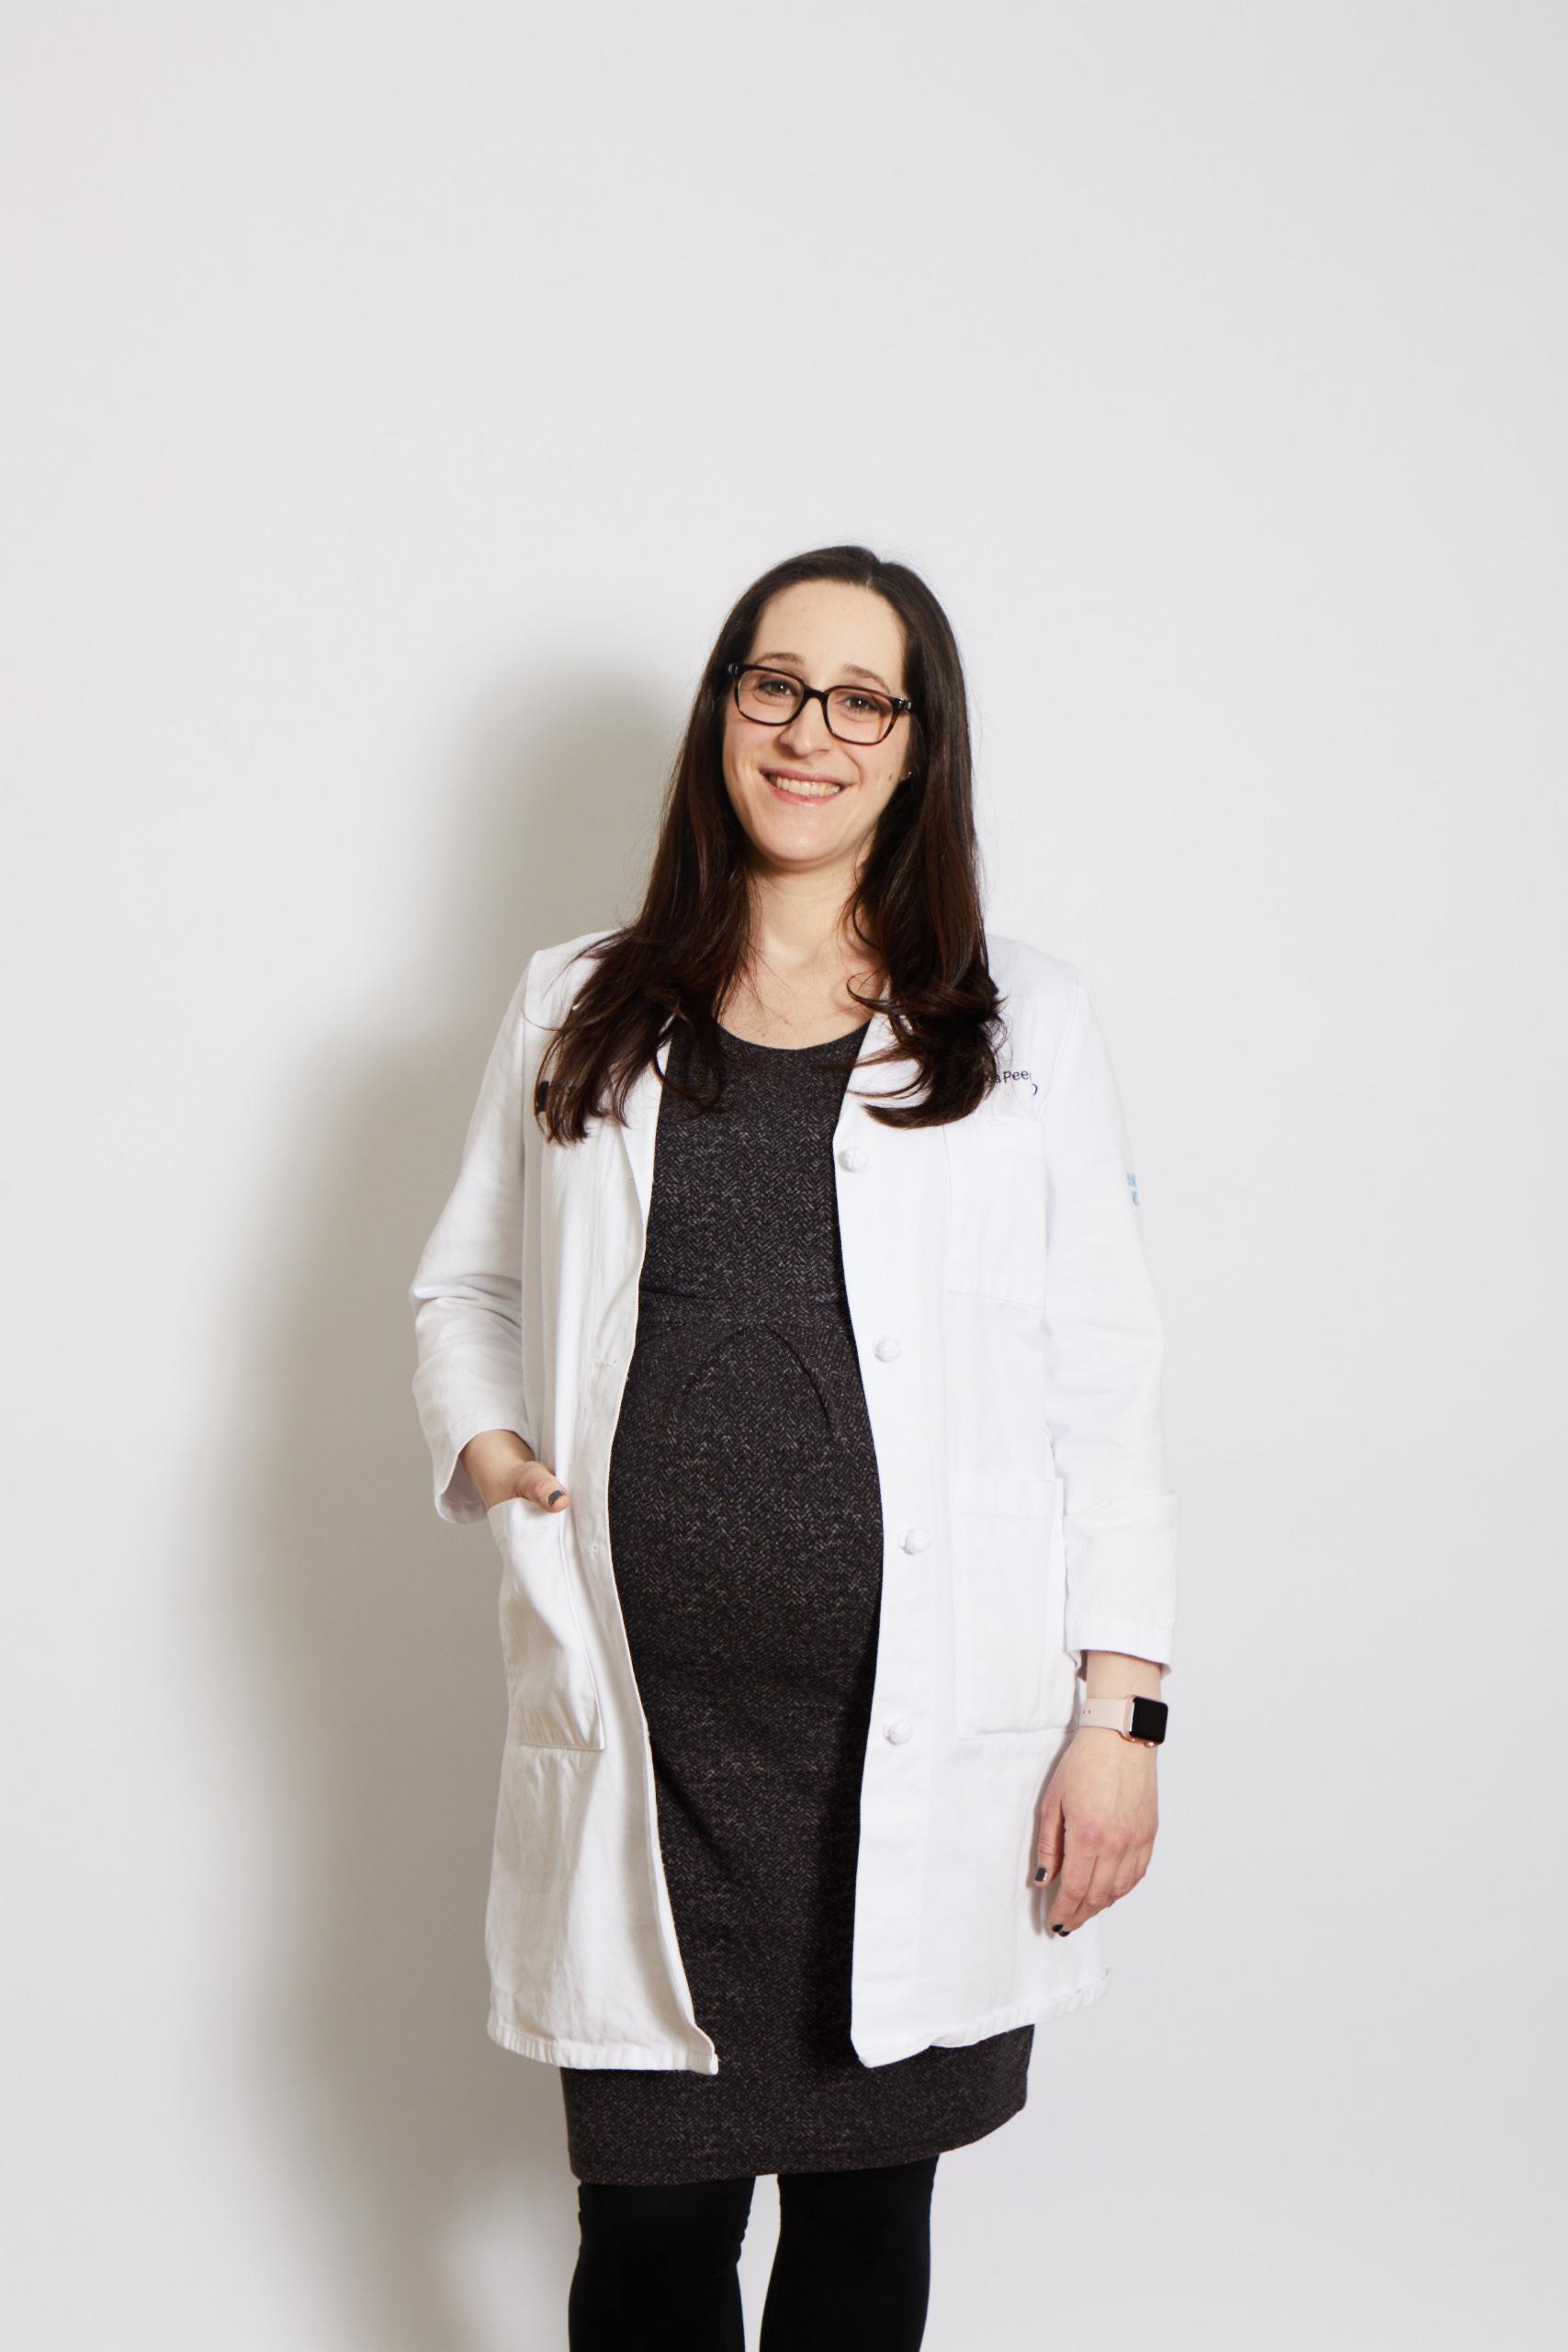 USMLE Prep Faculty & Medical Advisors | Kaplan Test Prep